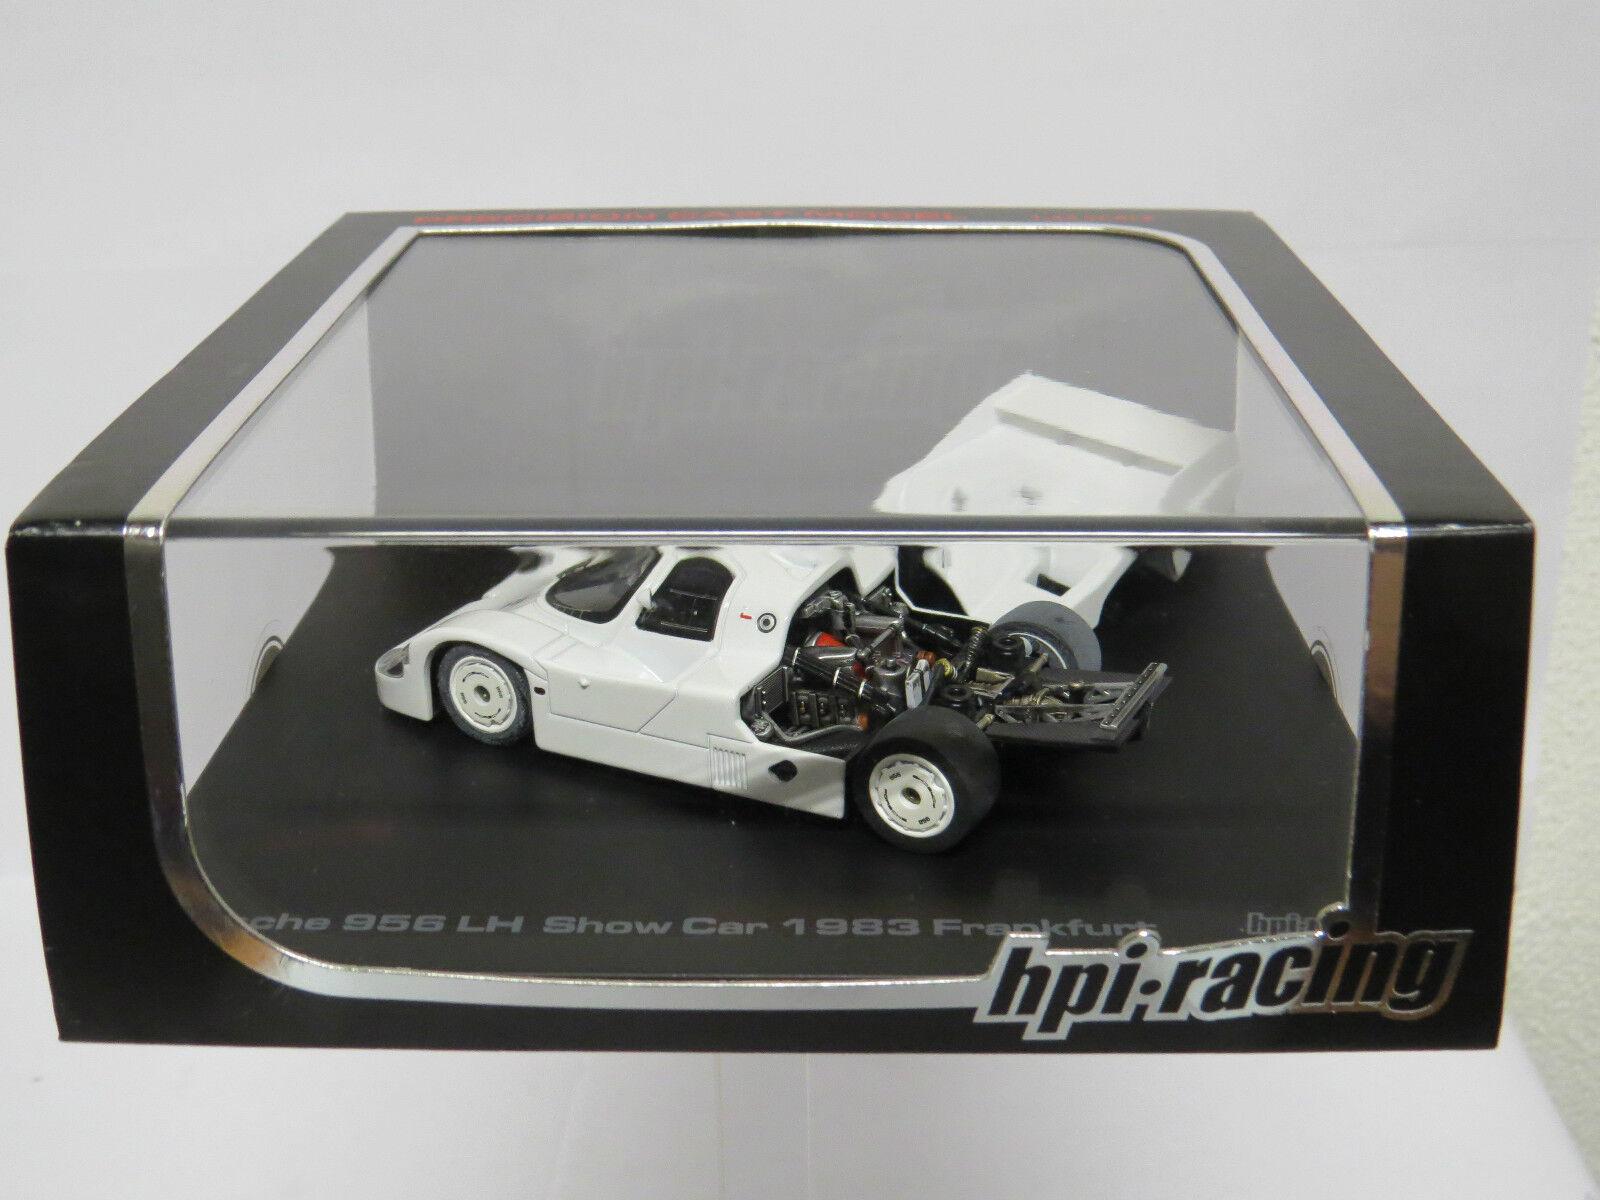 Hpi 942 Porsche 956 LH Show voiture 1983 Frankfurt  1 43 blanc  vente